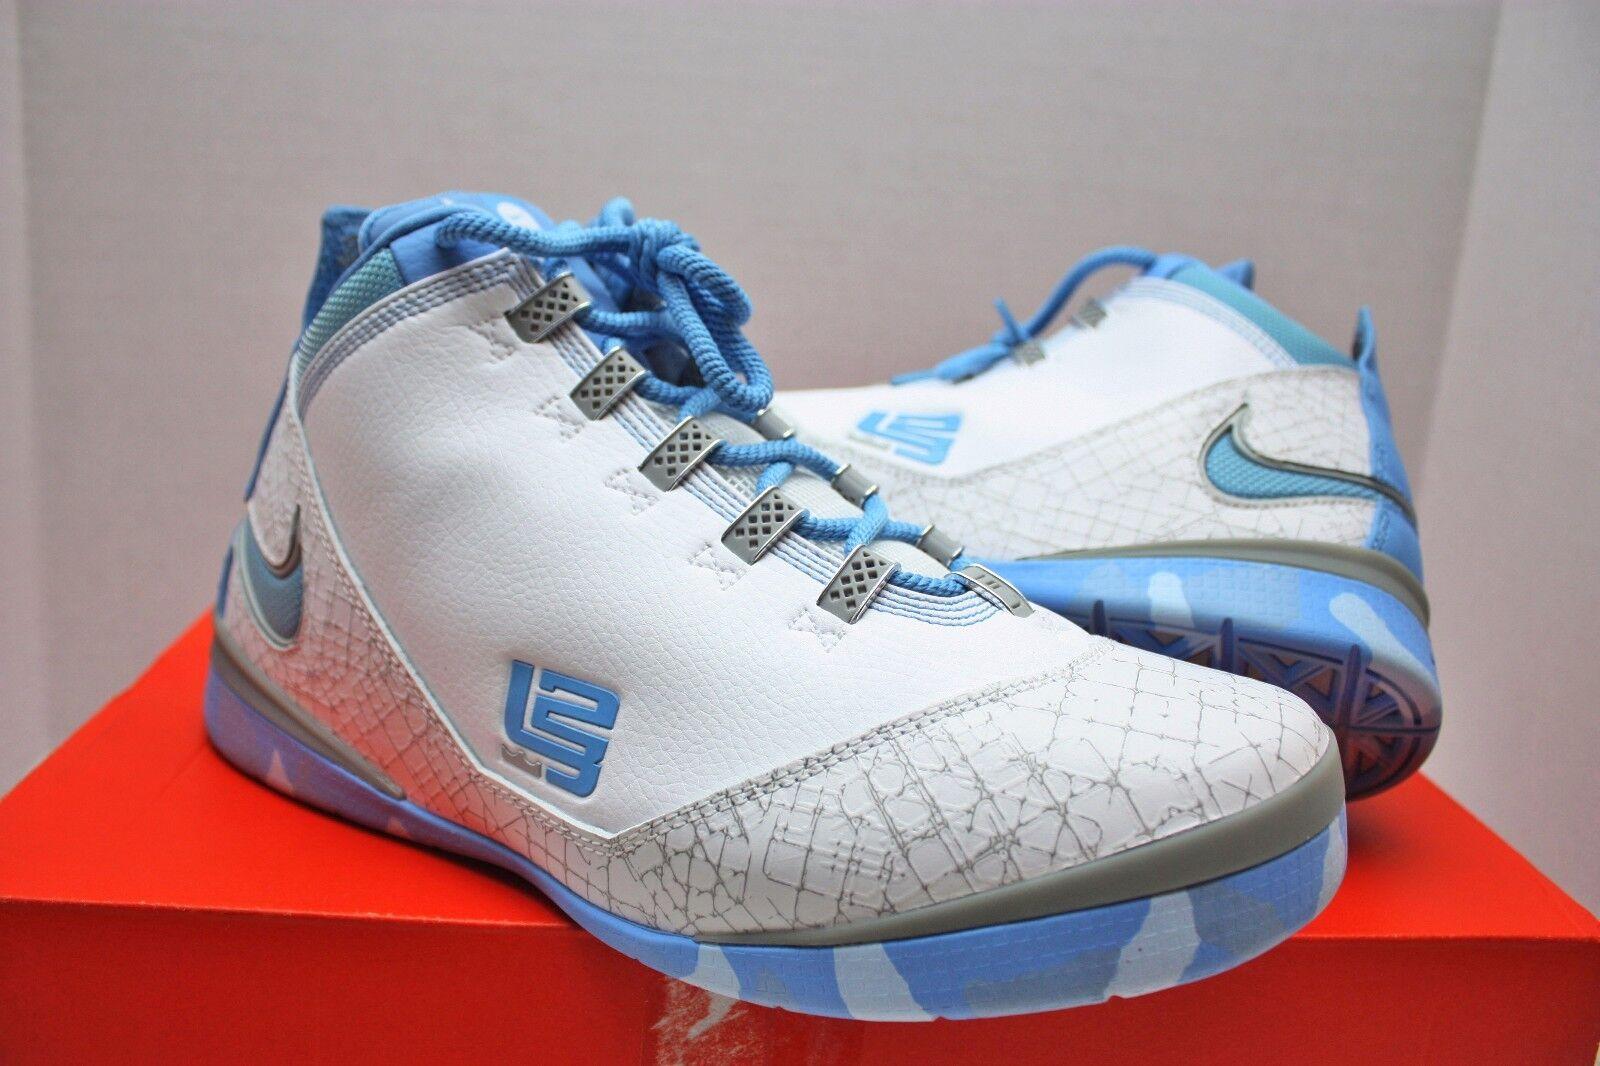 Nike Lebron Zoom Soldier II 2 Size 10 - North Carolina Tar Heels - 319407 143